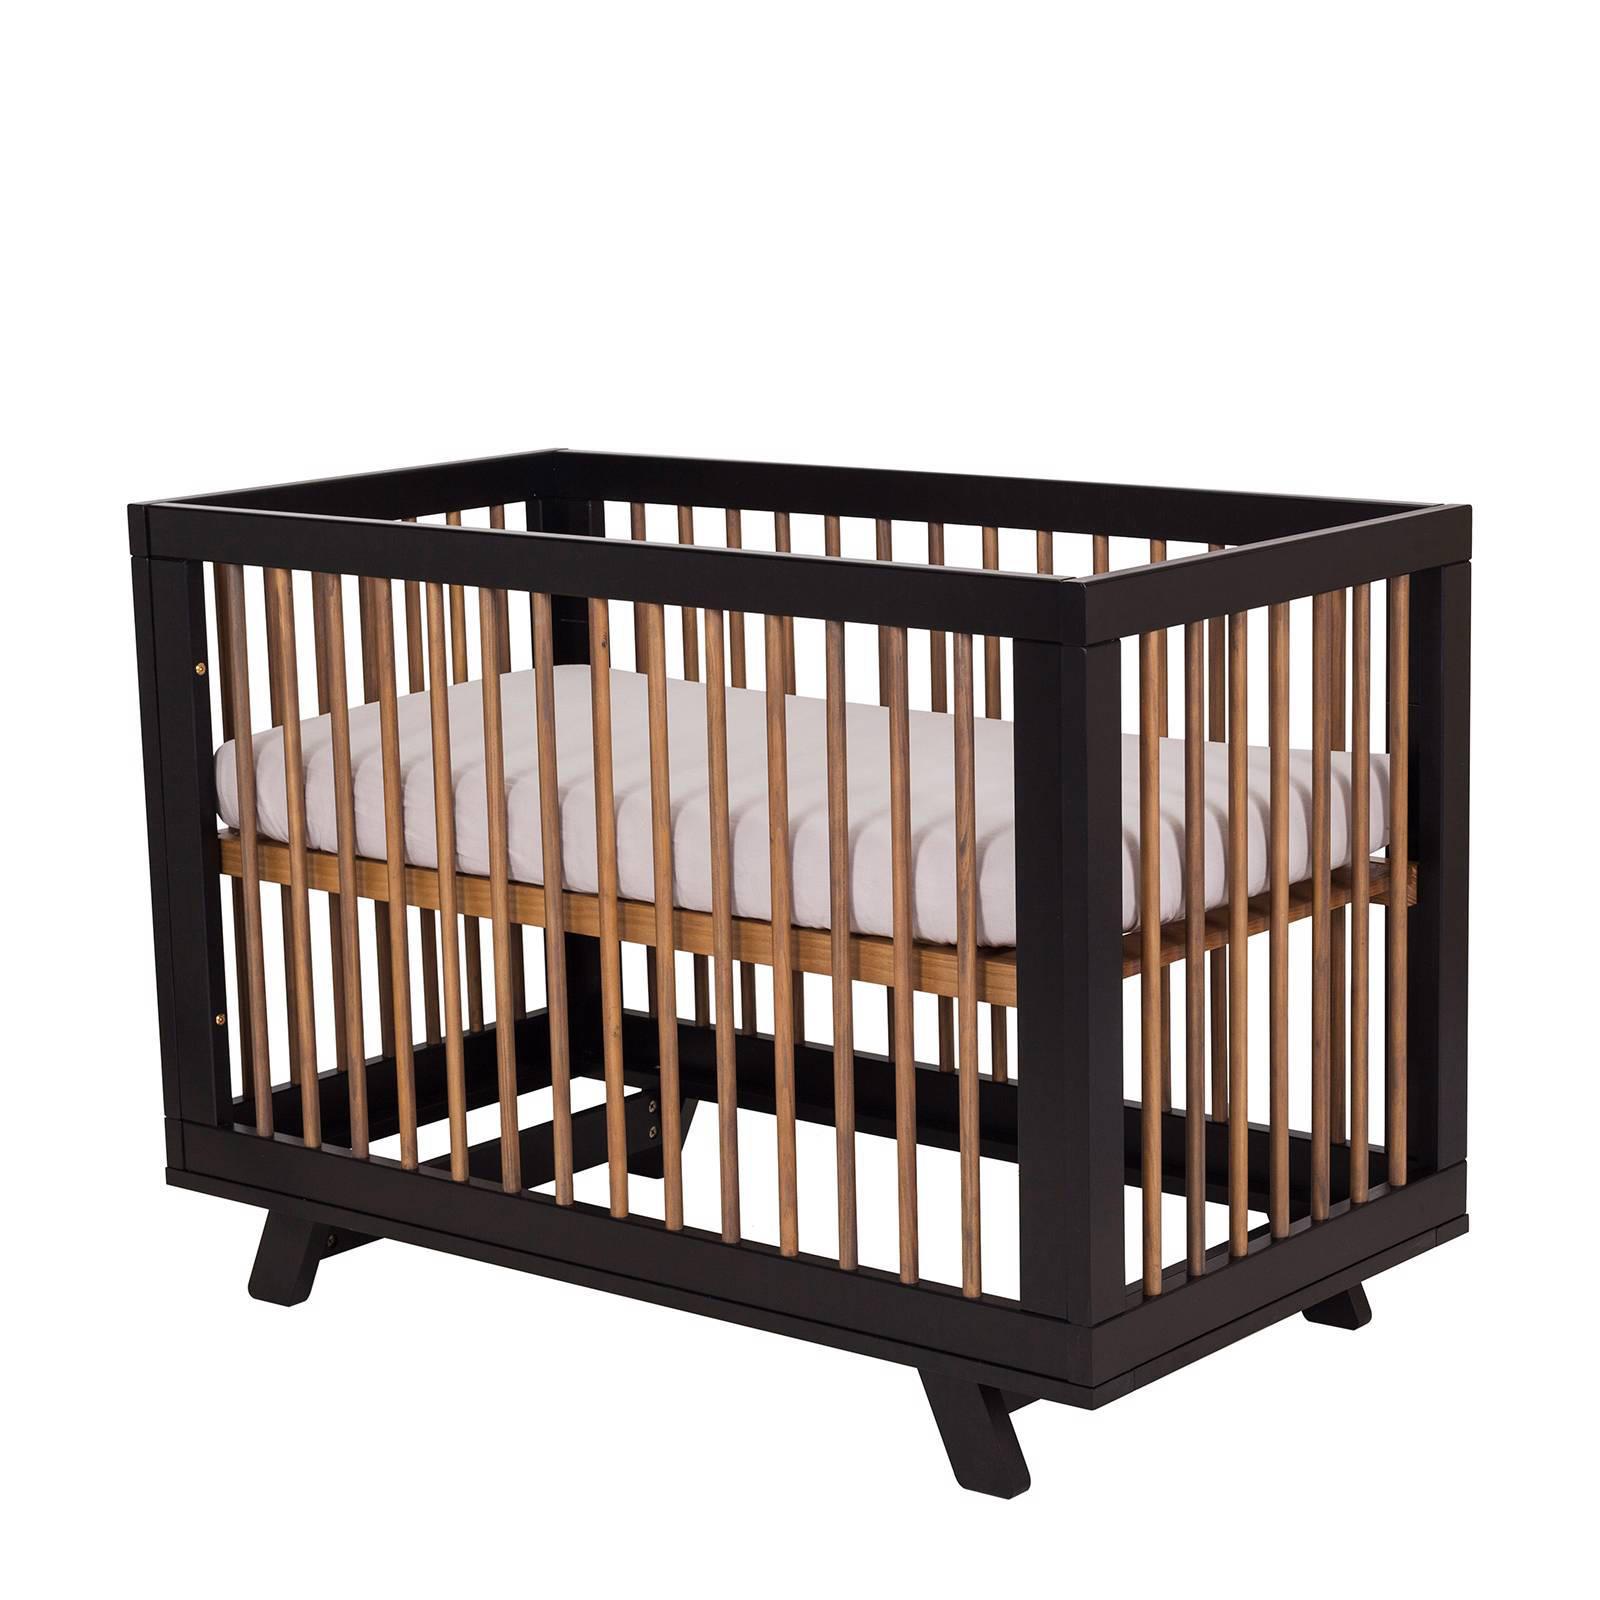 Baby Ledikant Zwart.Coming Kids Ledikant Harper Wehkamp